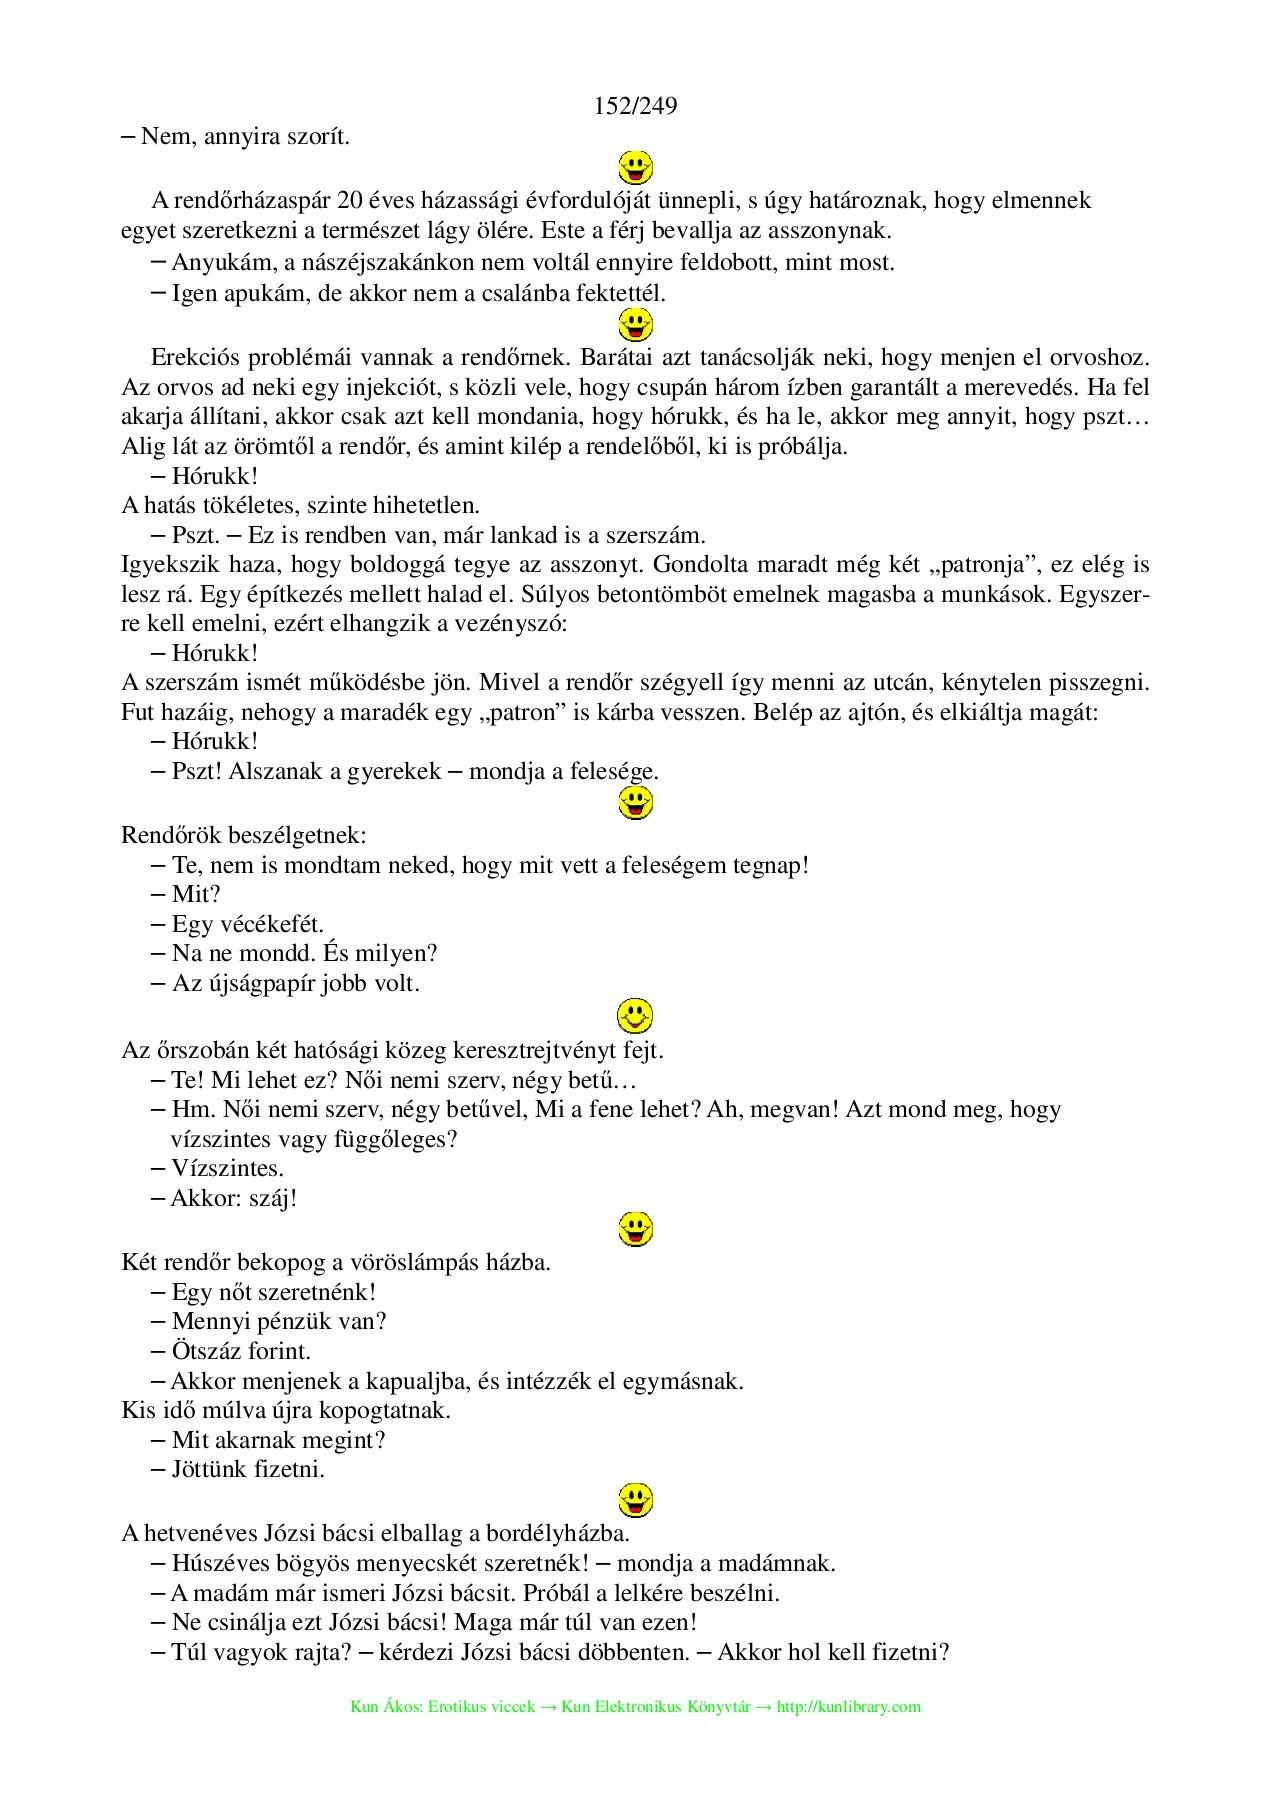 Kapuzárás vagy -nyitás? - 50 felett a férfiak - Egészségtükömfpi.hu